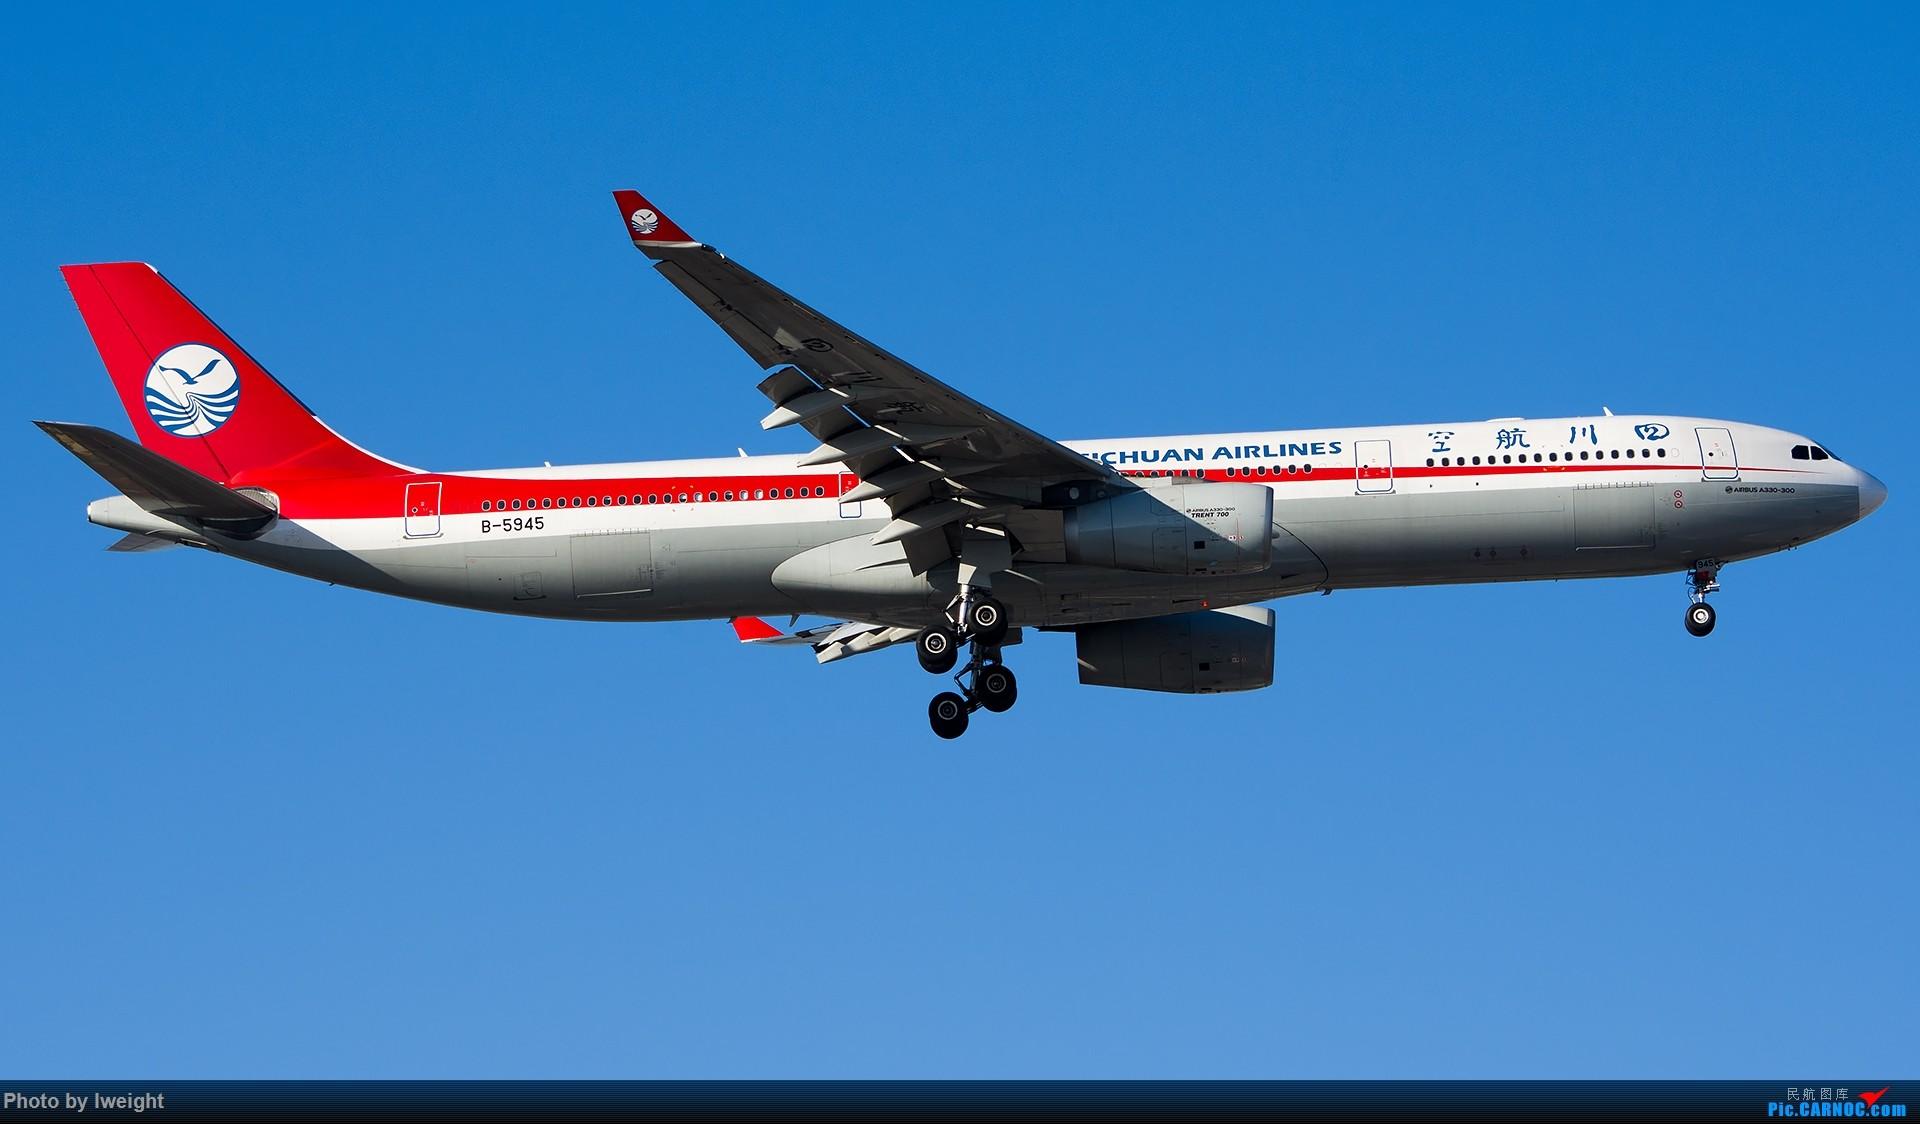 Re:[原创]又见蓝月亮 AIRBUS A330-300 B-5945 中国北京首都国际机场